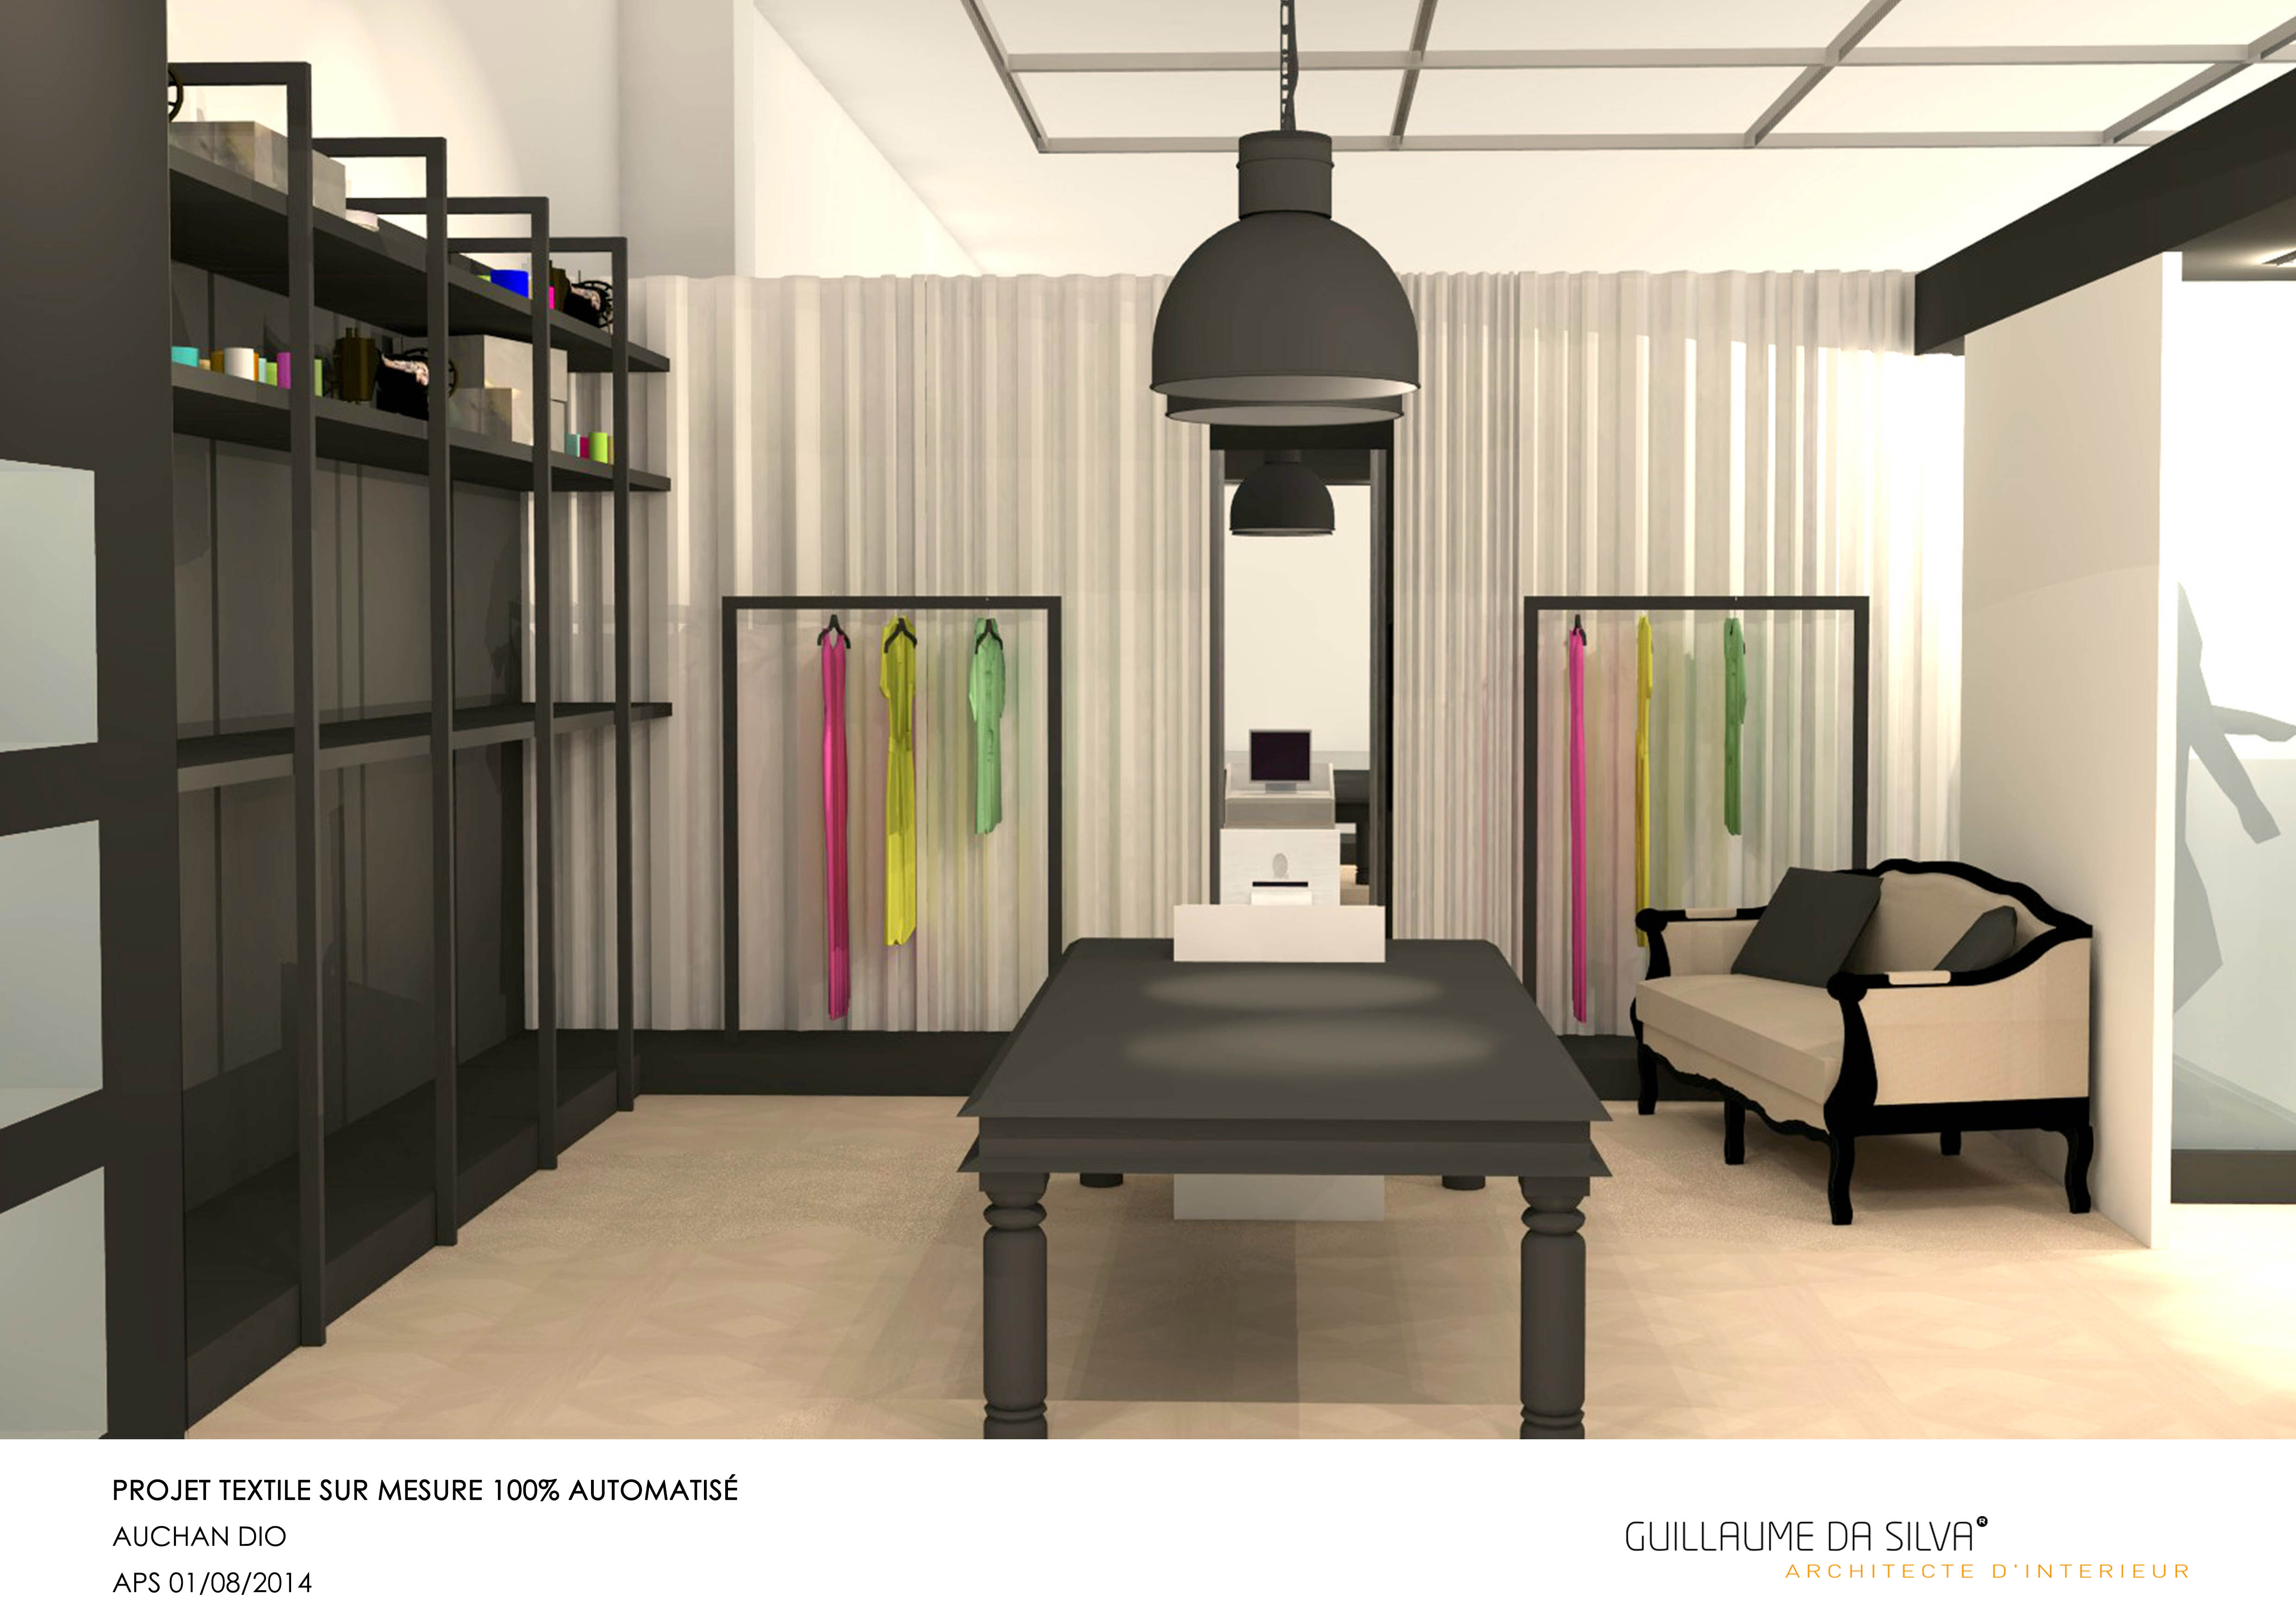 bouton noir tailor made clothes store auchan villeneuve d 39 ascq 59 france guillaume da silva. Black Bedroom Furniture Sets. Home Design Ideas